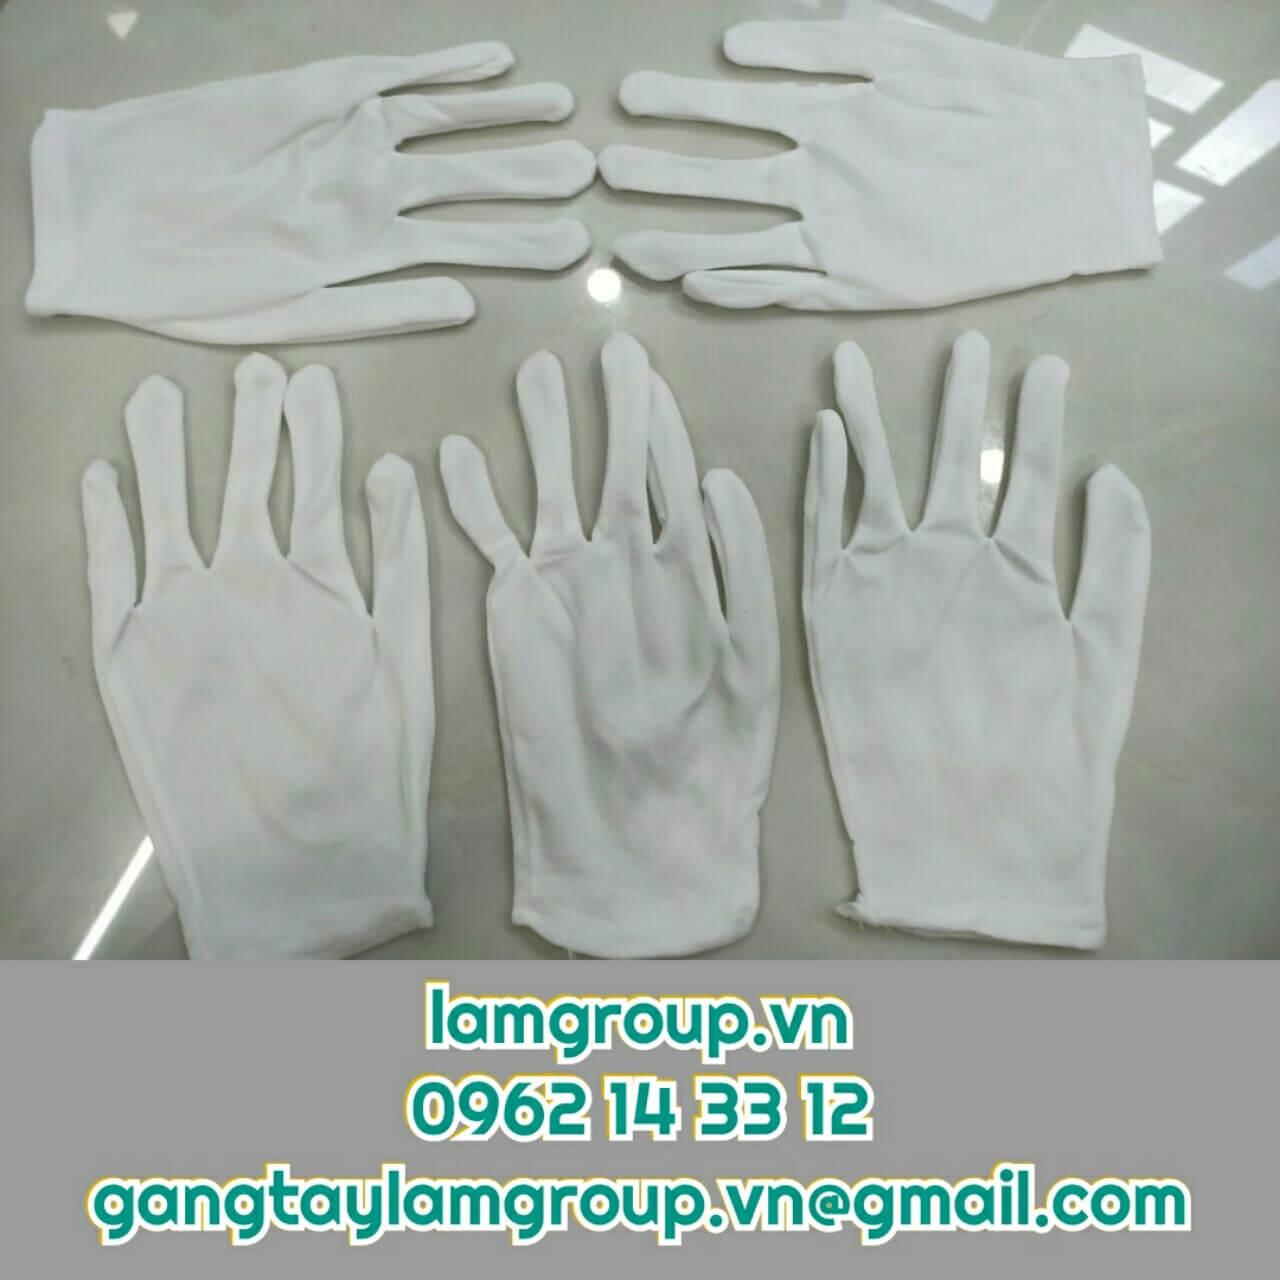 Găng tay vải T9 trắng